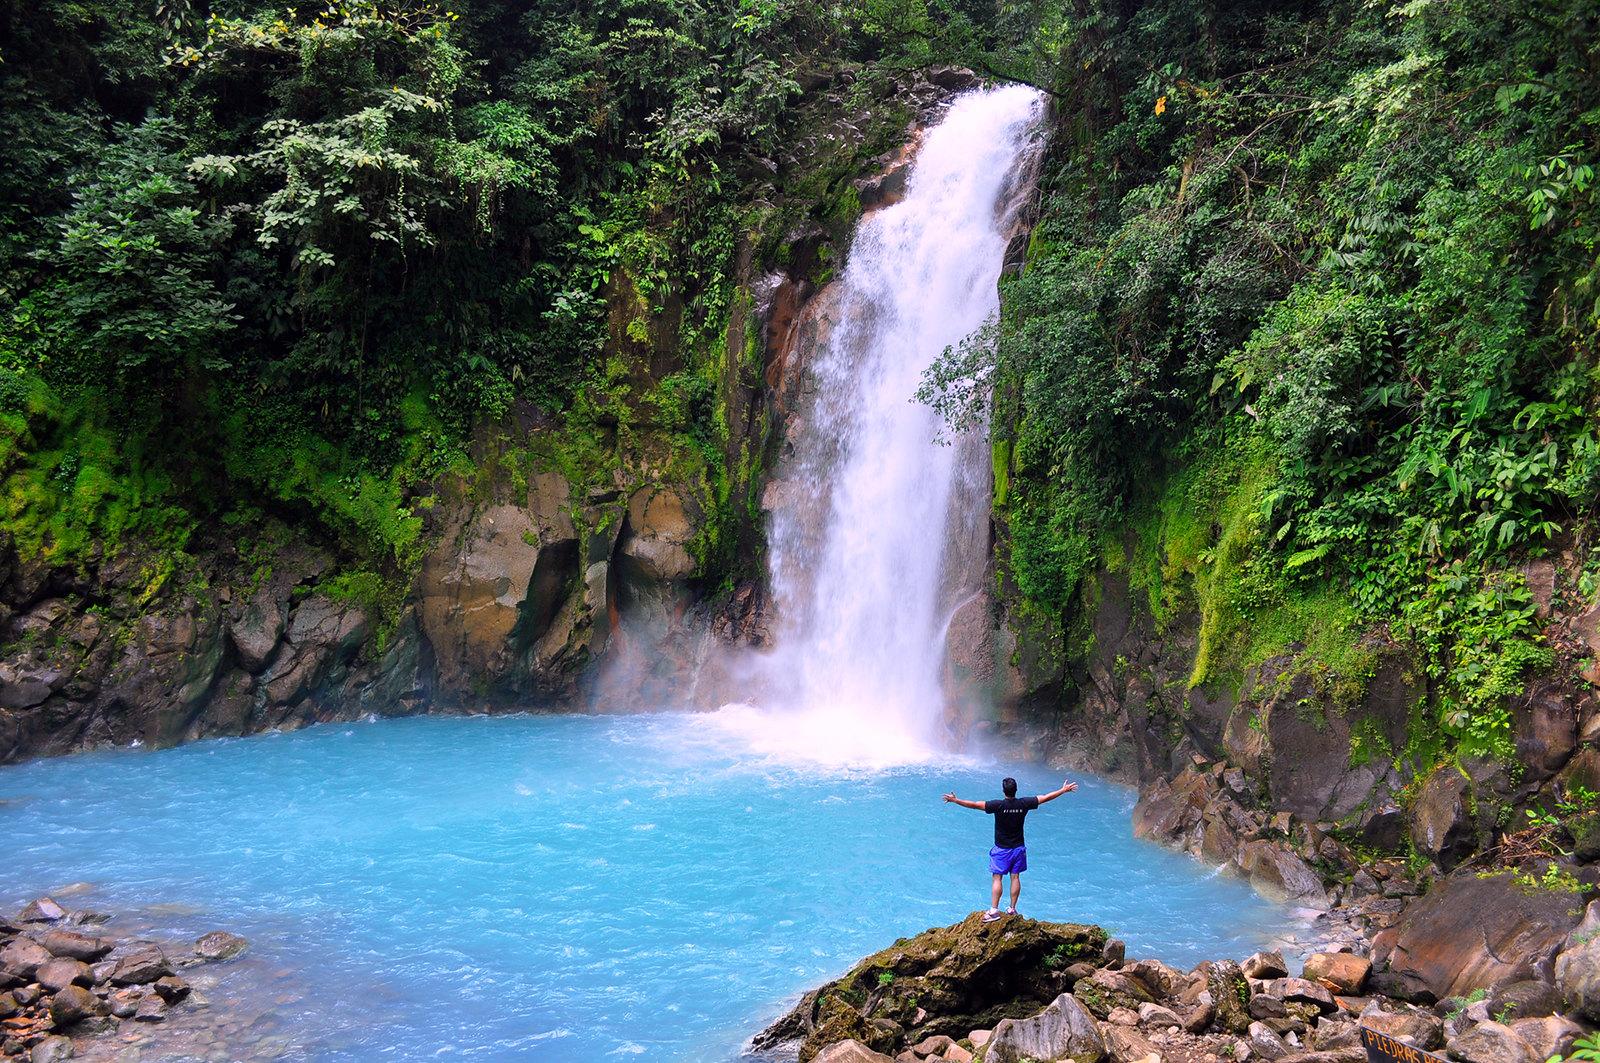 Viajar a Costa Rica / Ruta por Costa Rica en 3 semanas ruta por costa rica - 38217190552 b10f1ea017 h - Ruta por Costa Rica en 3 semanas